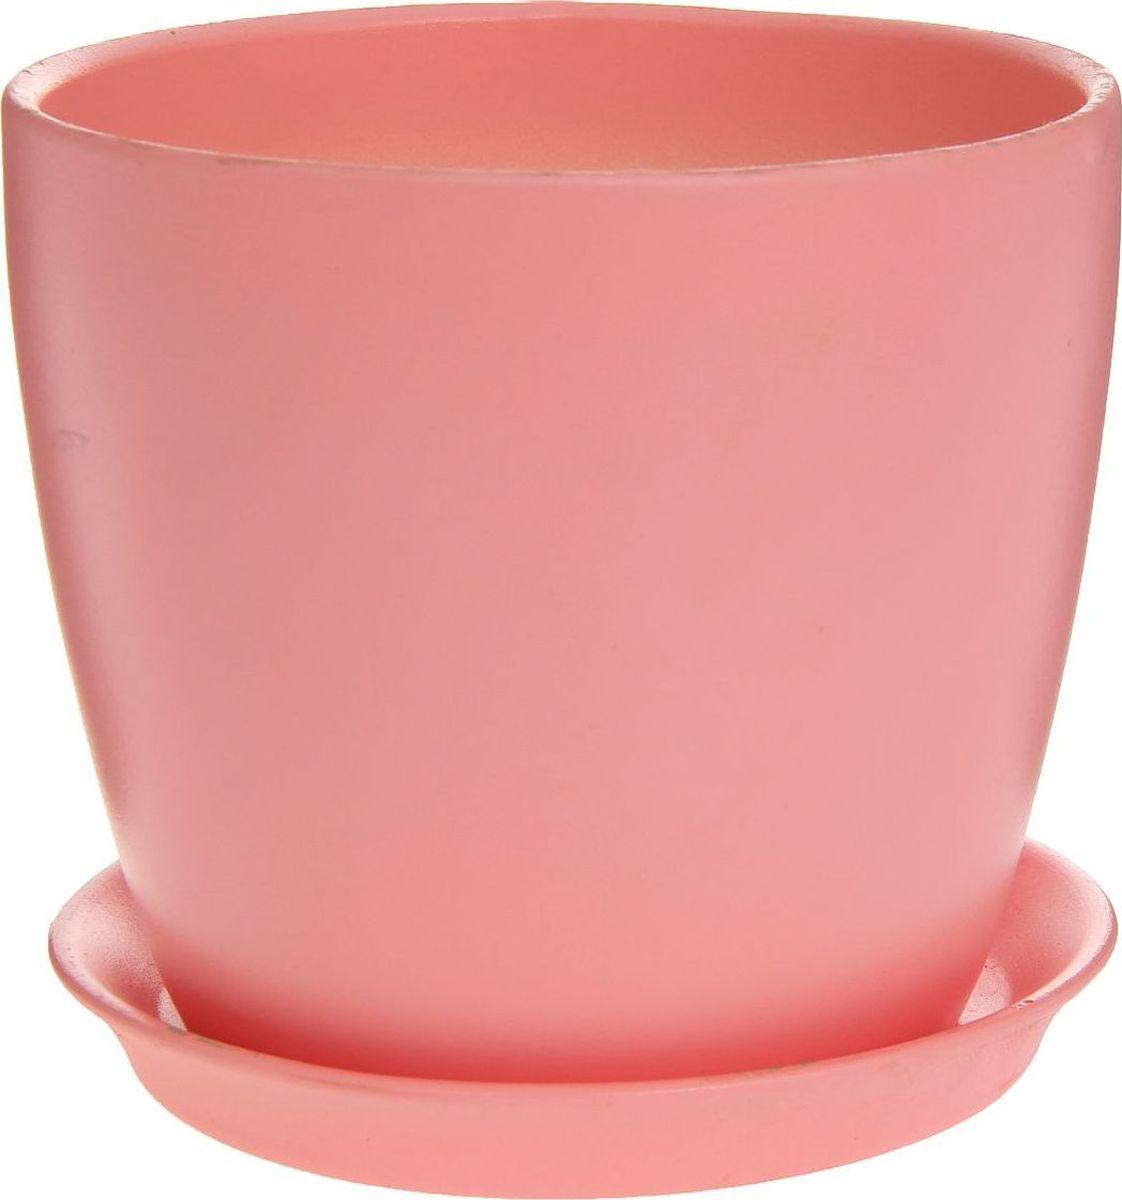 Кашпо Керамика ручной работы Осень. Глянец, цвет: розовый, 2 л1170306Комнатные растения — всеобщие любимцы. Они радуют глаз, насыщают помещение кислородом и украшают пространство. Каждому из них необходим свой удобный и красивый дом. Кашпо из керамики прекрасно подходят для высадки растений: за счёт пластичности глины и разных способов обработки существует великое множество форм и дизайновпористый материал позволяет испаряться лишней влагевоздух, необходимый для дыхания корней, проникает сквозь керамические стенки! #name# позаботится о зелёном питомце, освежит интерьер и подчеркнёт его стиль.